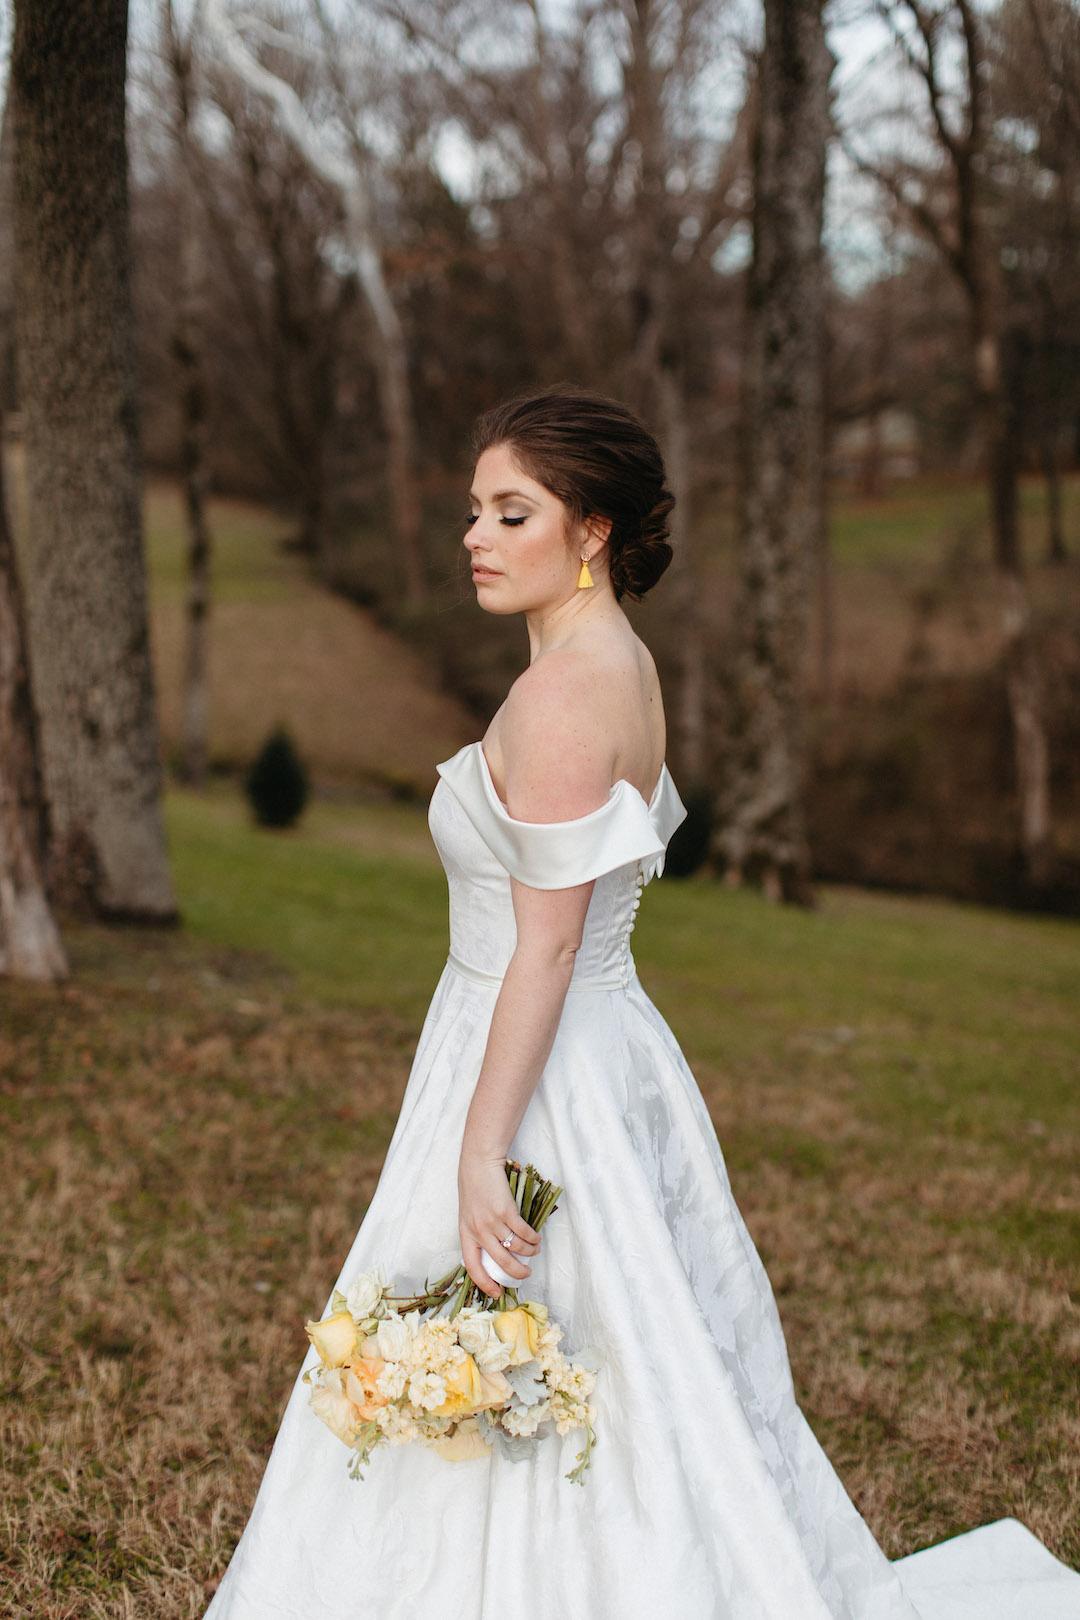 Off the shoulder wedding dress | Nashville Bride Guide